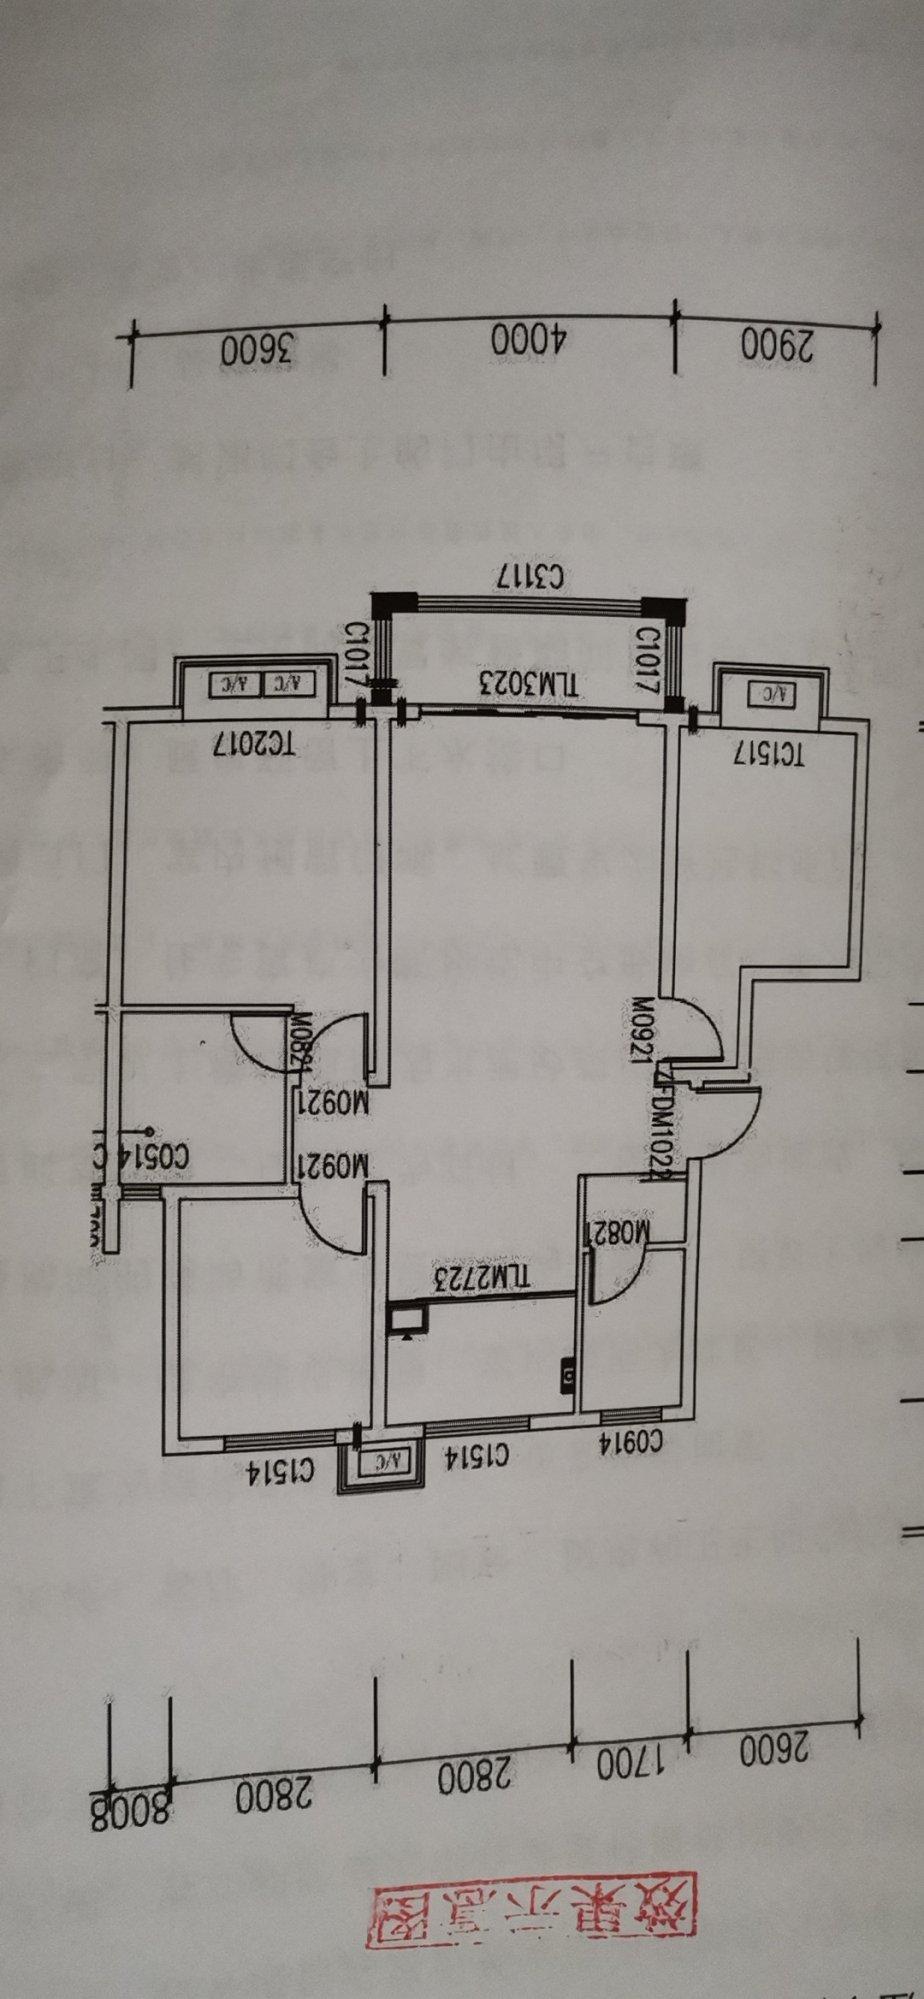 这样的户型如何设计入户鞋柜,客厅吊顶每平方多少钱